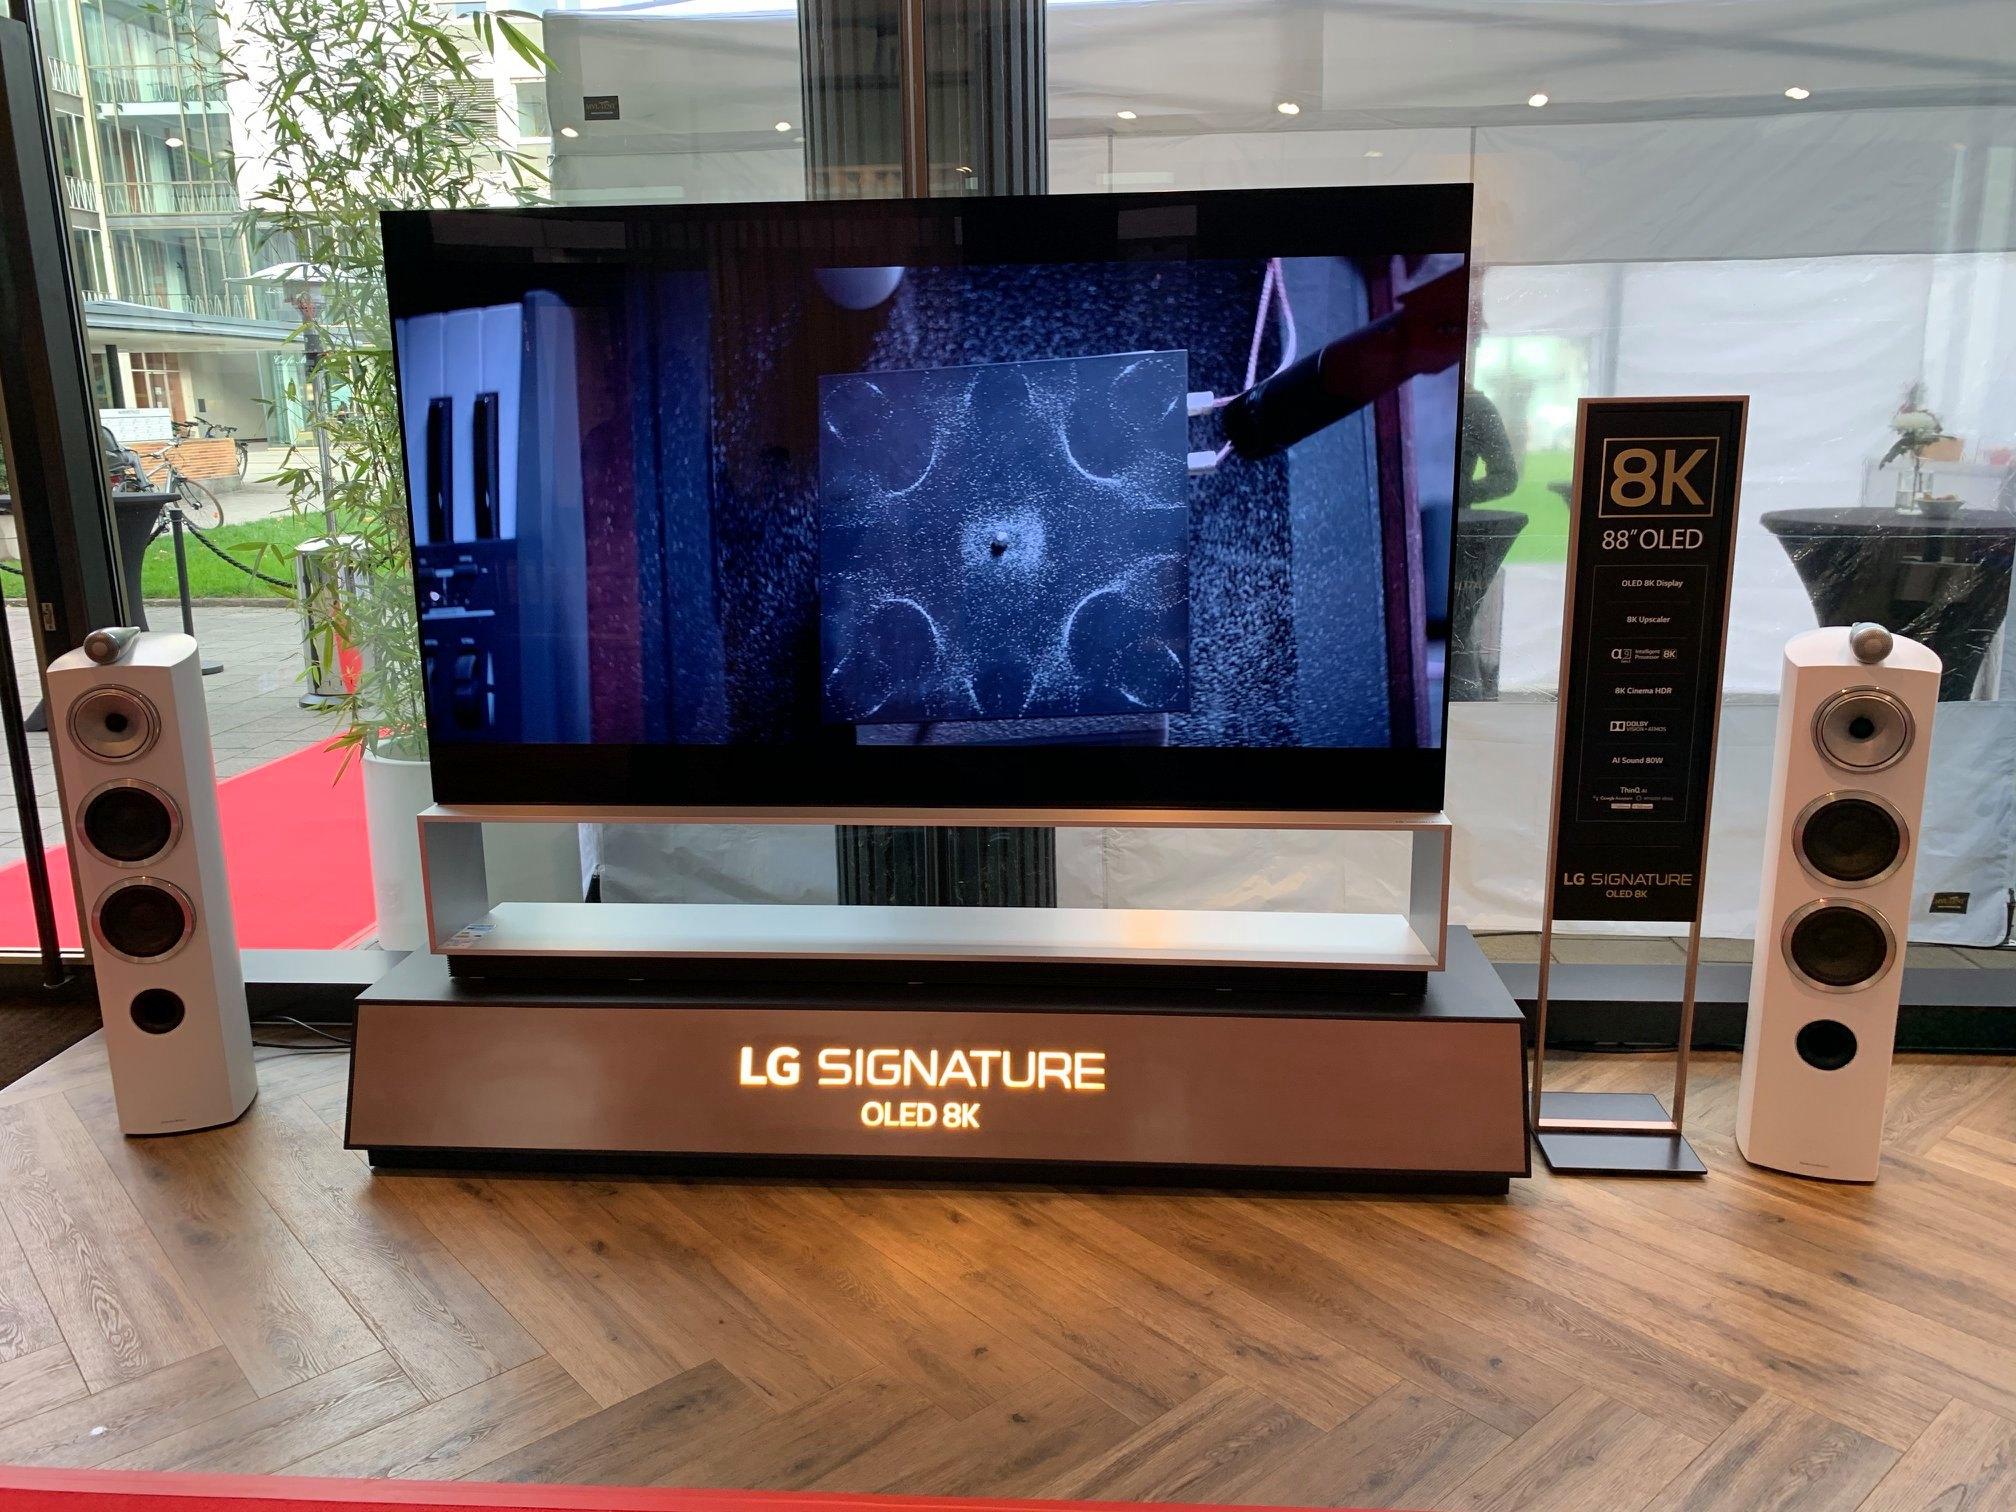 Der neue LG Signature OLED 8K live bei uns in den Reisenberger Galerien. Beeindr…